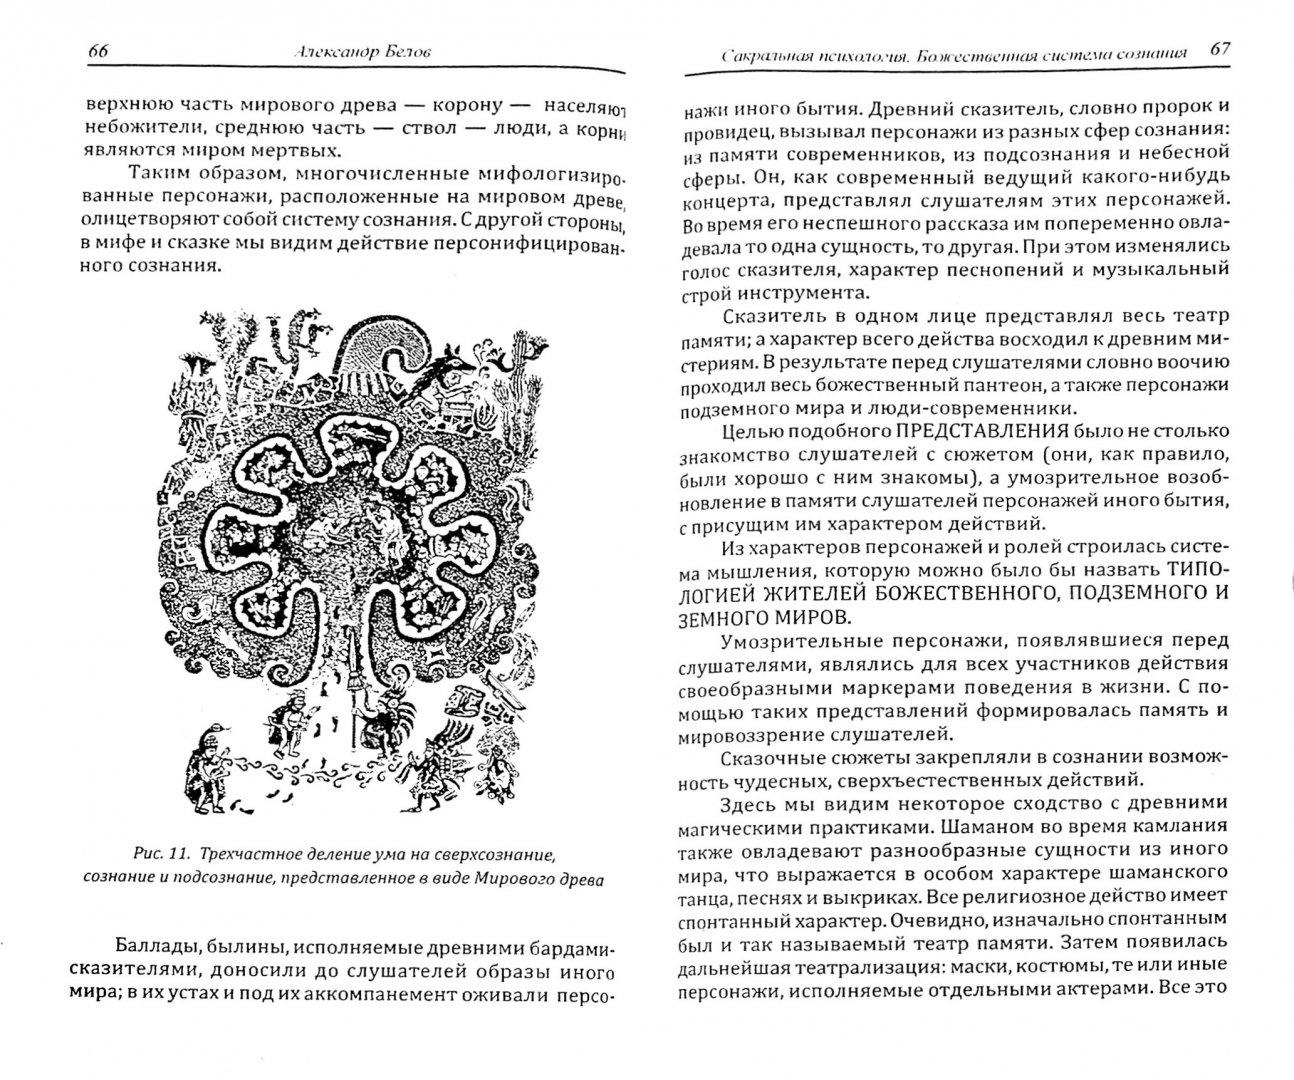 Иллюстрация 1 из 5 для Сакральная психология. Божественная система сознания - Александр Белов | Лабиринт - книги. Источник: Лабиринт